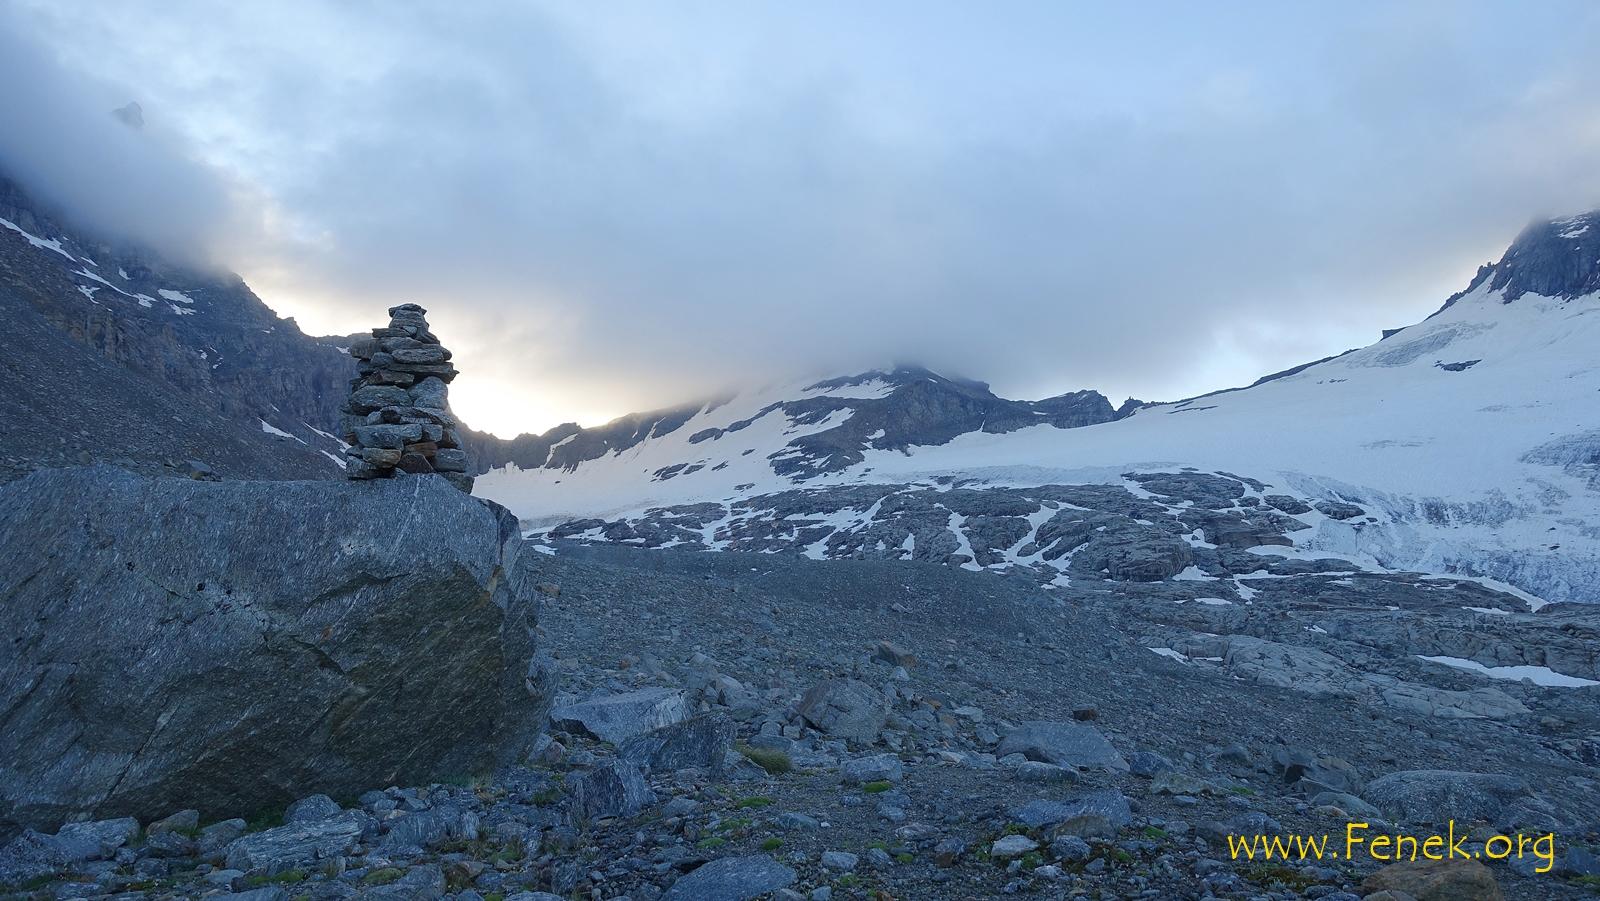 unser Gipfel noch in einer Wolke verhüllt